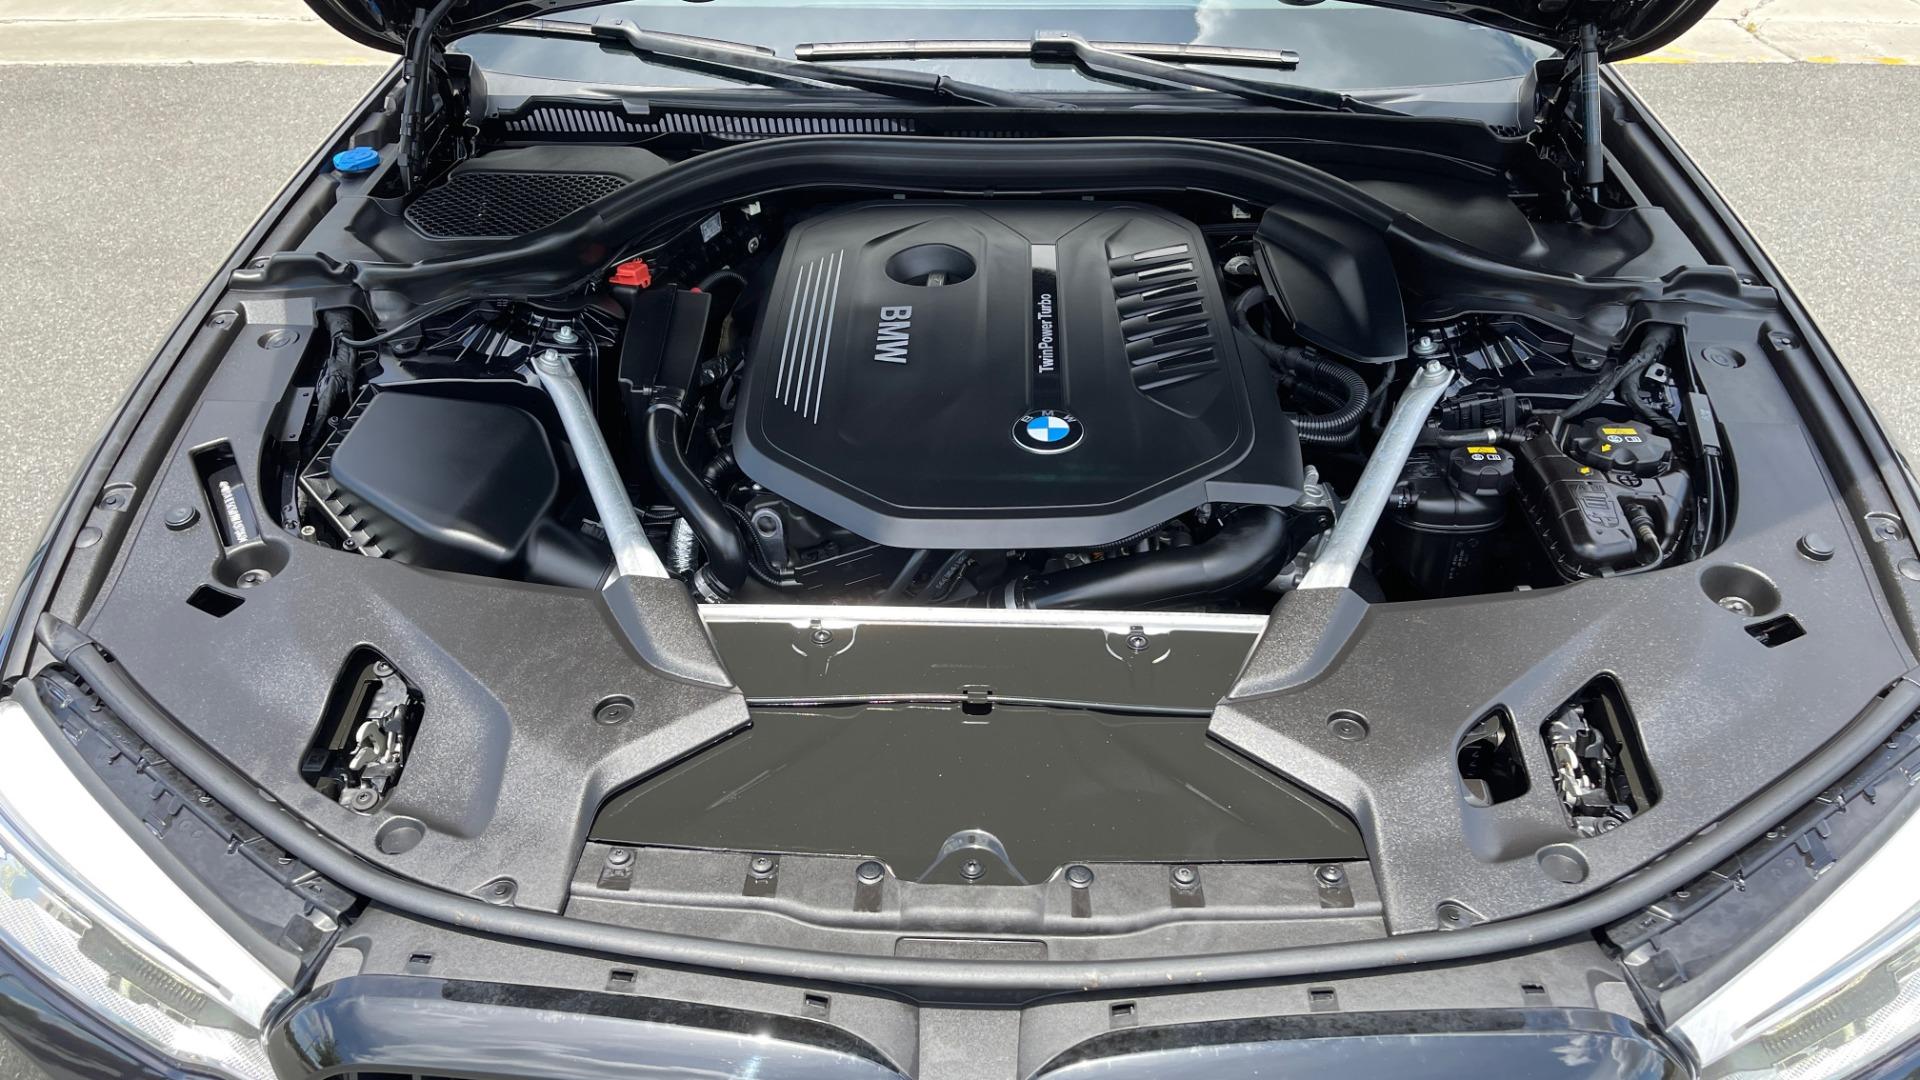 Used 2018 BMW 5 SERIES 540I M-SPORT / EXECUTIVE PKG / DRVR ASST PKG / BLIND SPOT / LANE DEPART for sale $40,995 at Formula Imports in Charlotte NC 28227 11